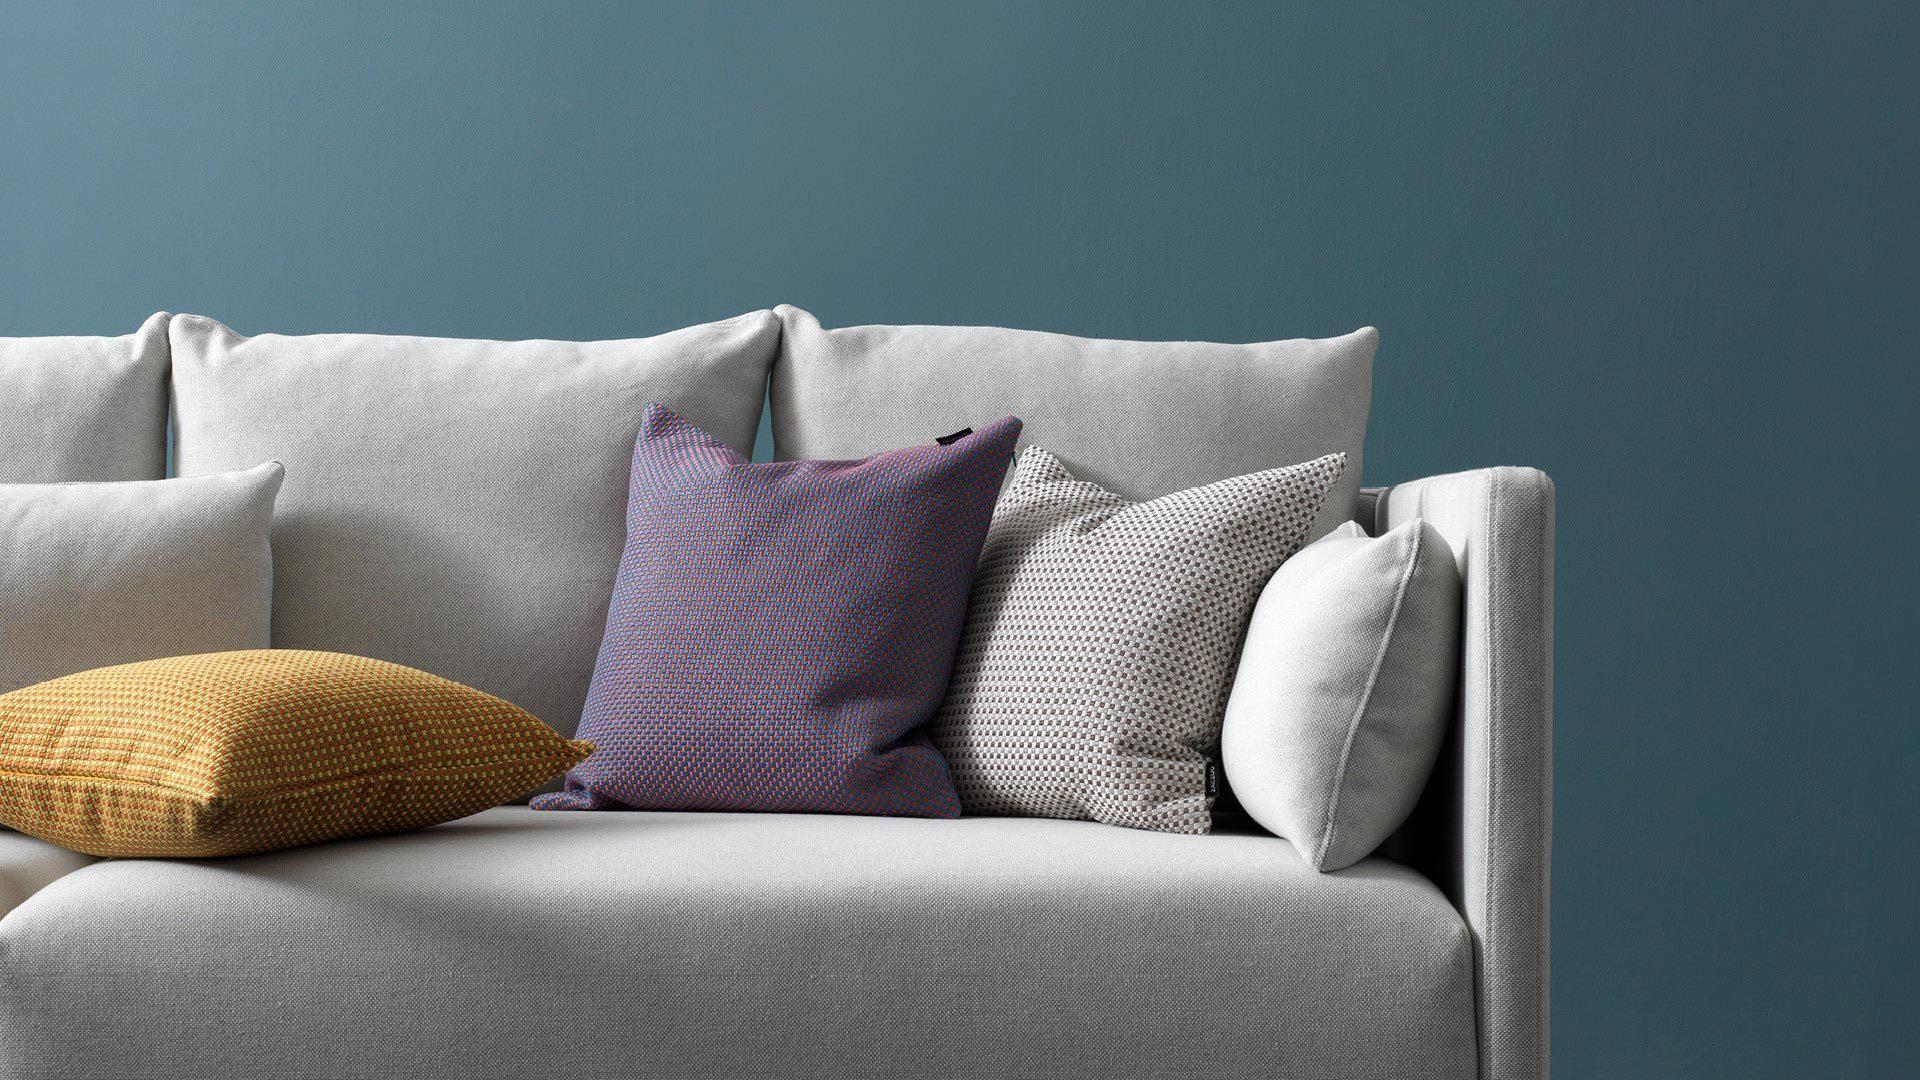 提色客厅,给素白沙发的花样点缀